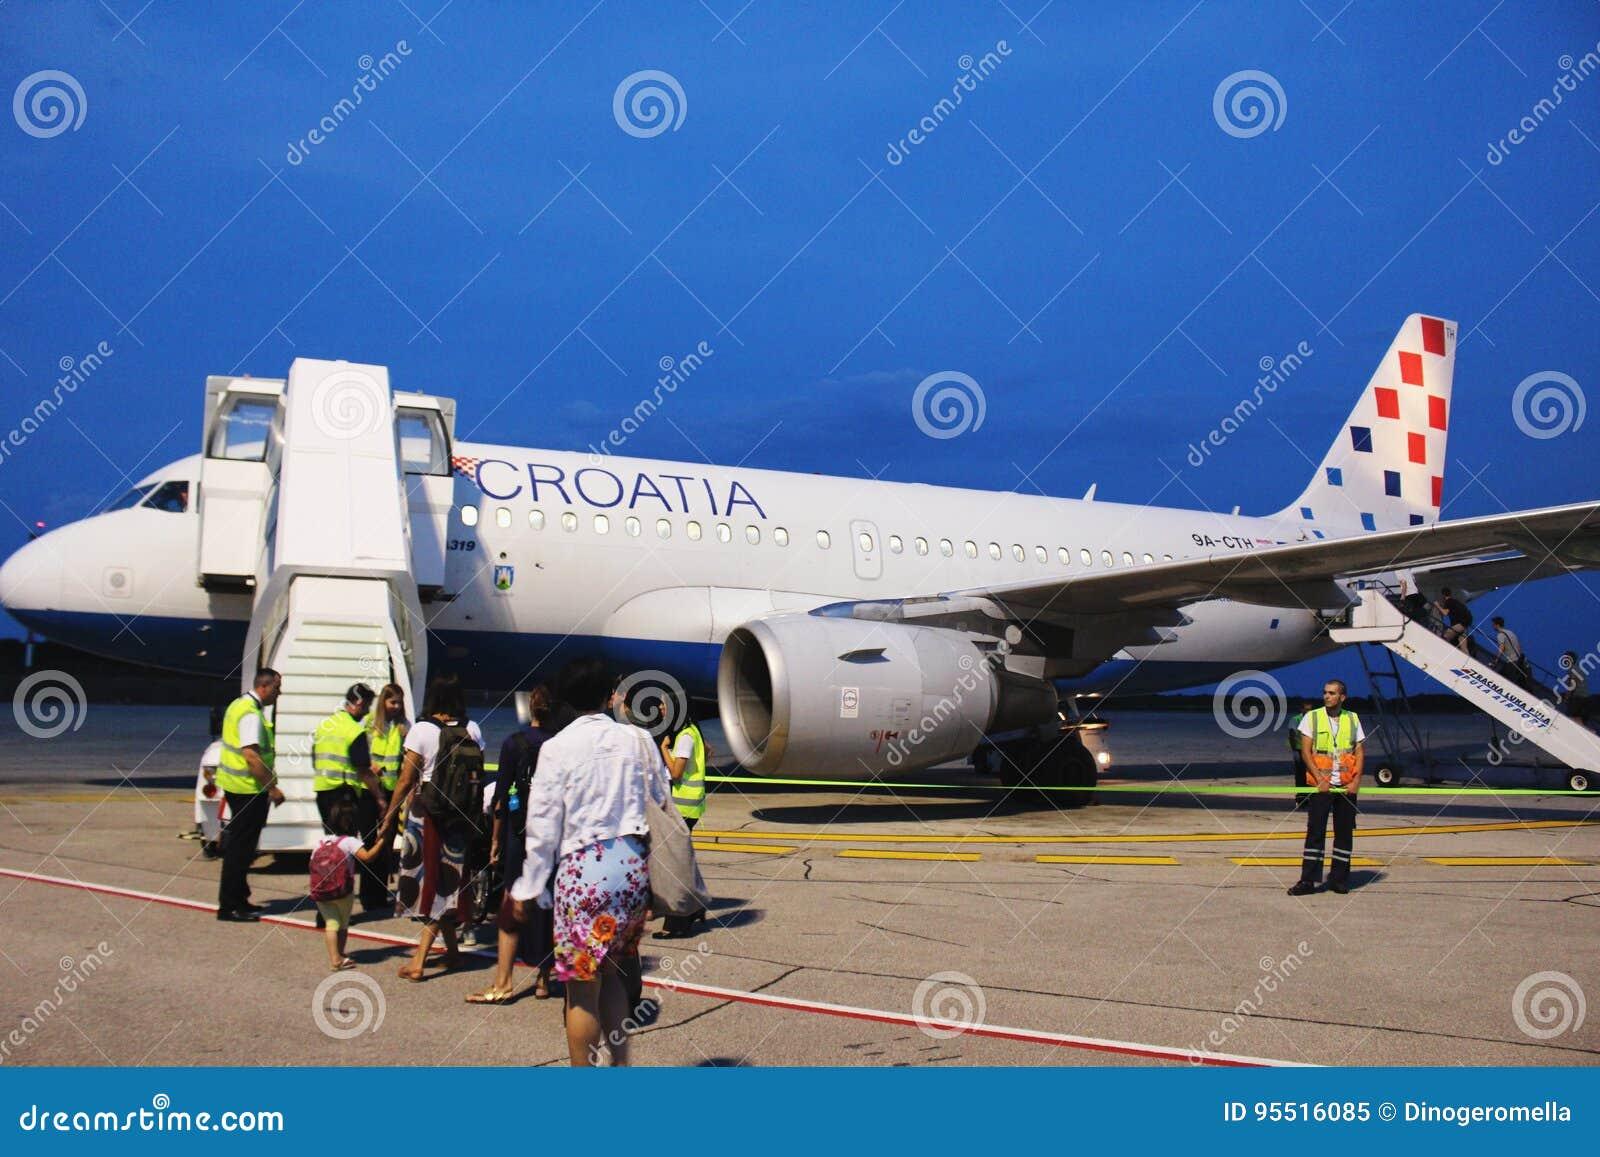 Croatia Airlines Airbus all aeroporto di Pola